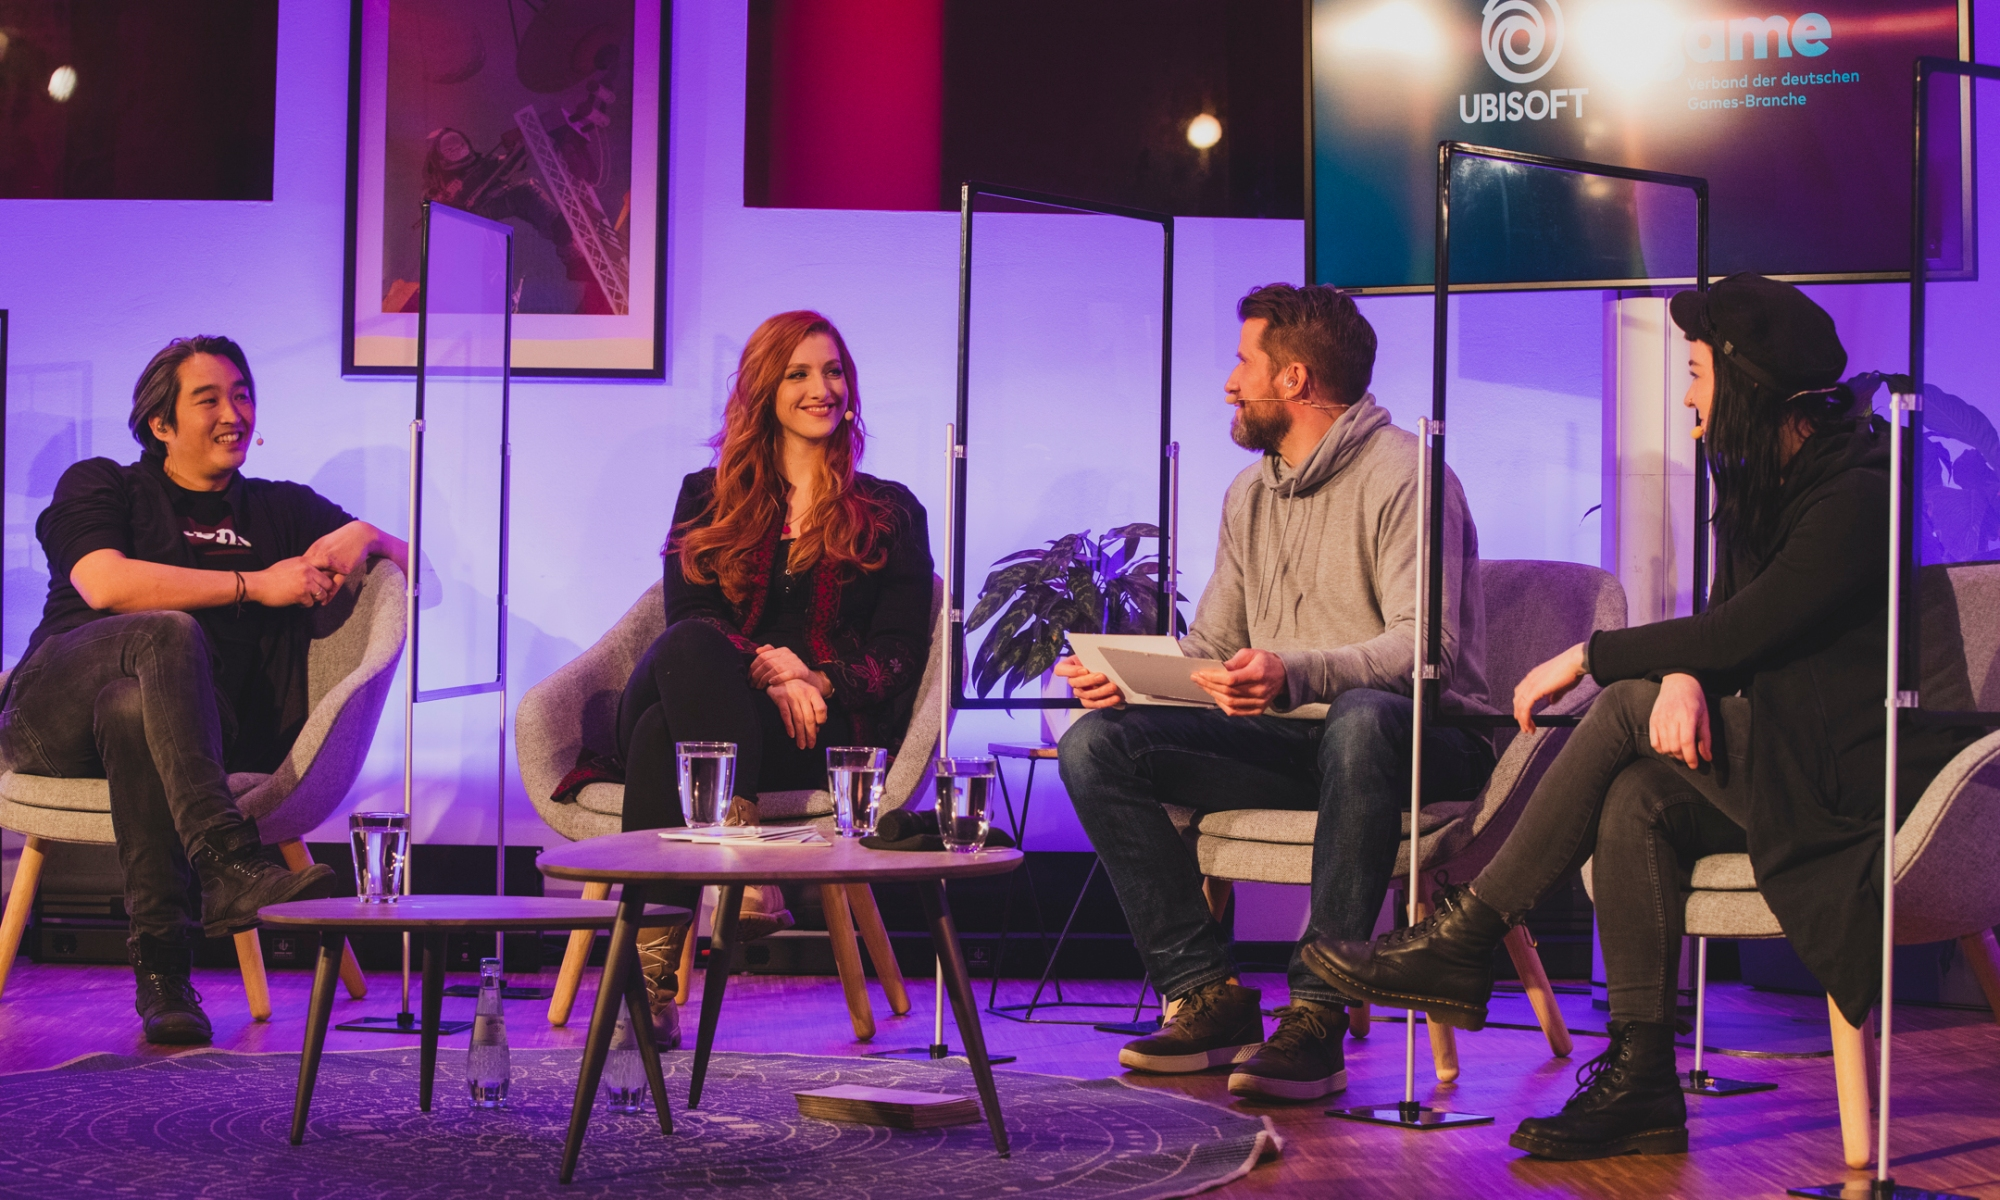 Deutscher Entwicklerpreis 2020 Moderatoren Live-Stream Valentina Birke, Fabian Siegismund, Lara Loft Trautmann, Daniel Budi Budimann